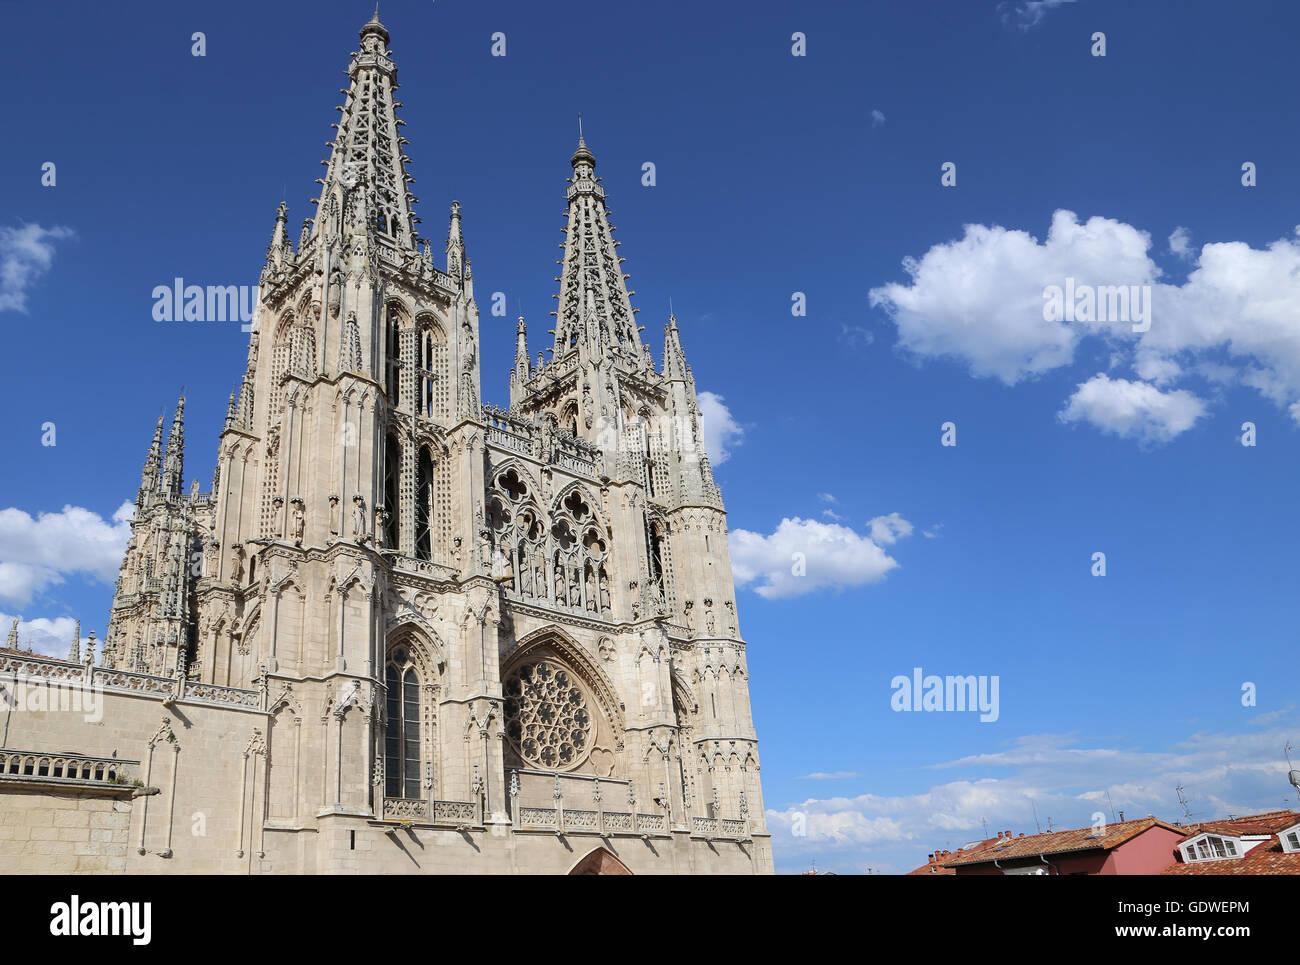 España. Burgos. Catedral de Santa María. De estilo gótico. Fachada de Santa María. Imagen De Stock